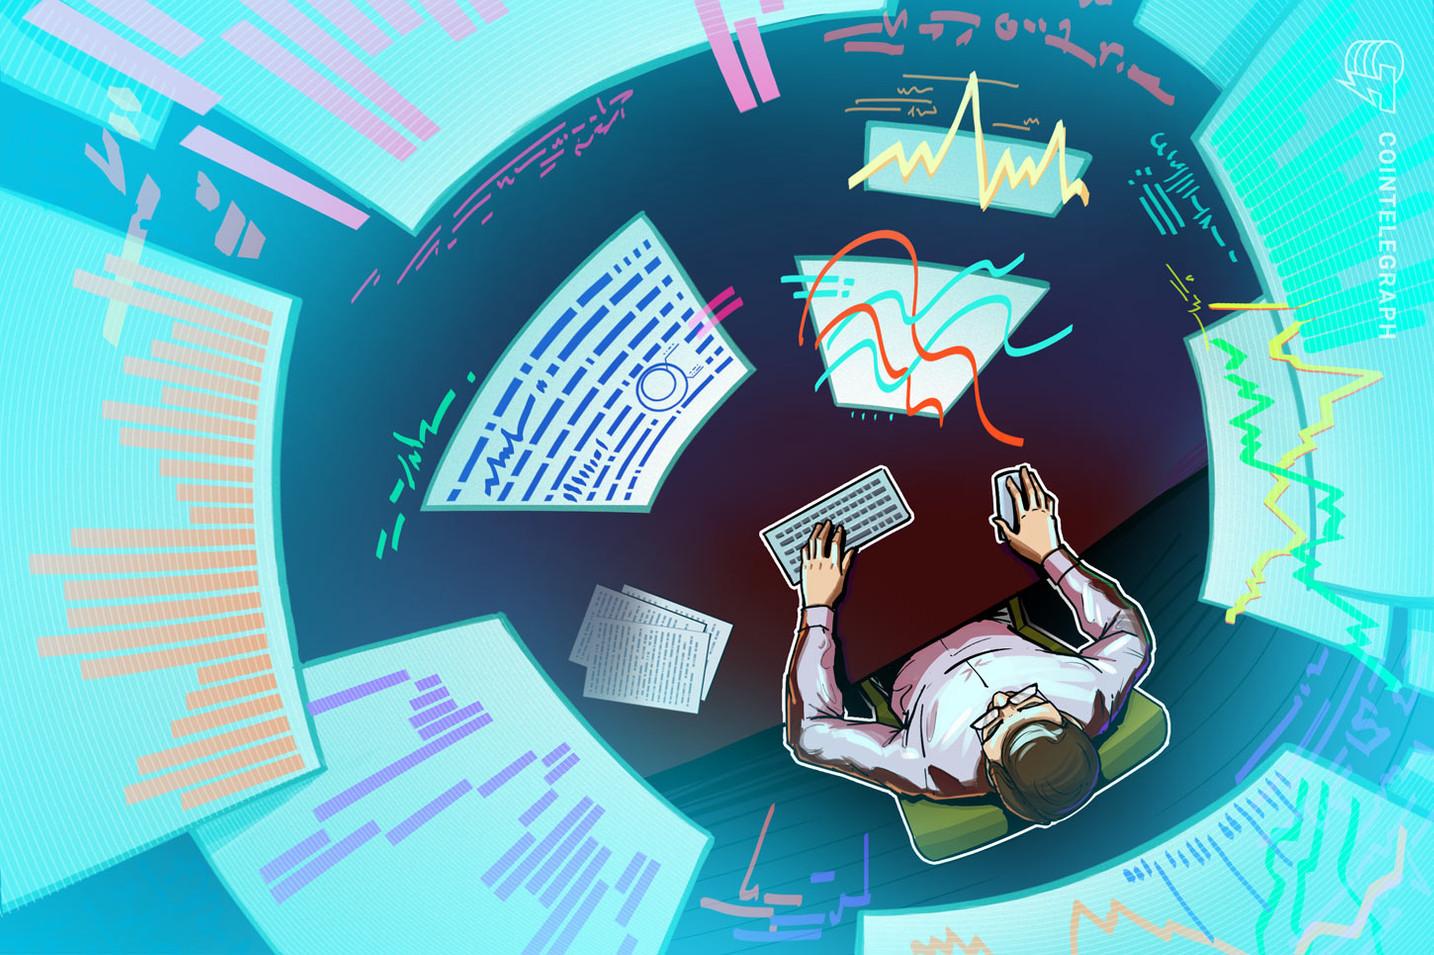 Gli asset algoritmici continuano a intrigare sviluppatori e trader: la storia del progetto Morph.Finance